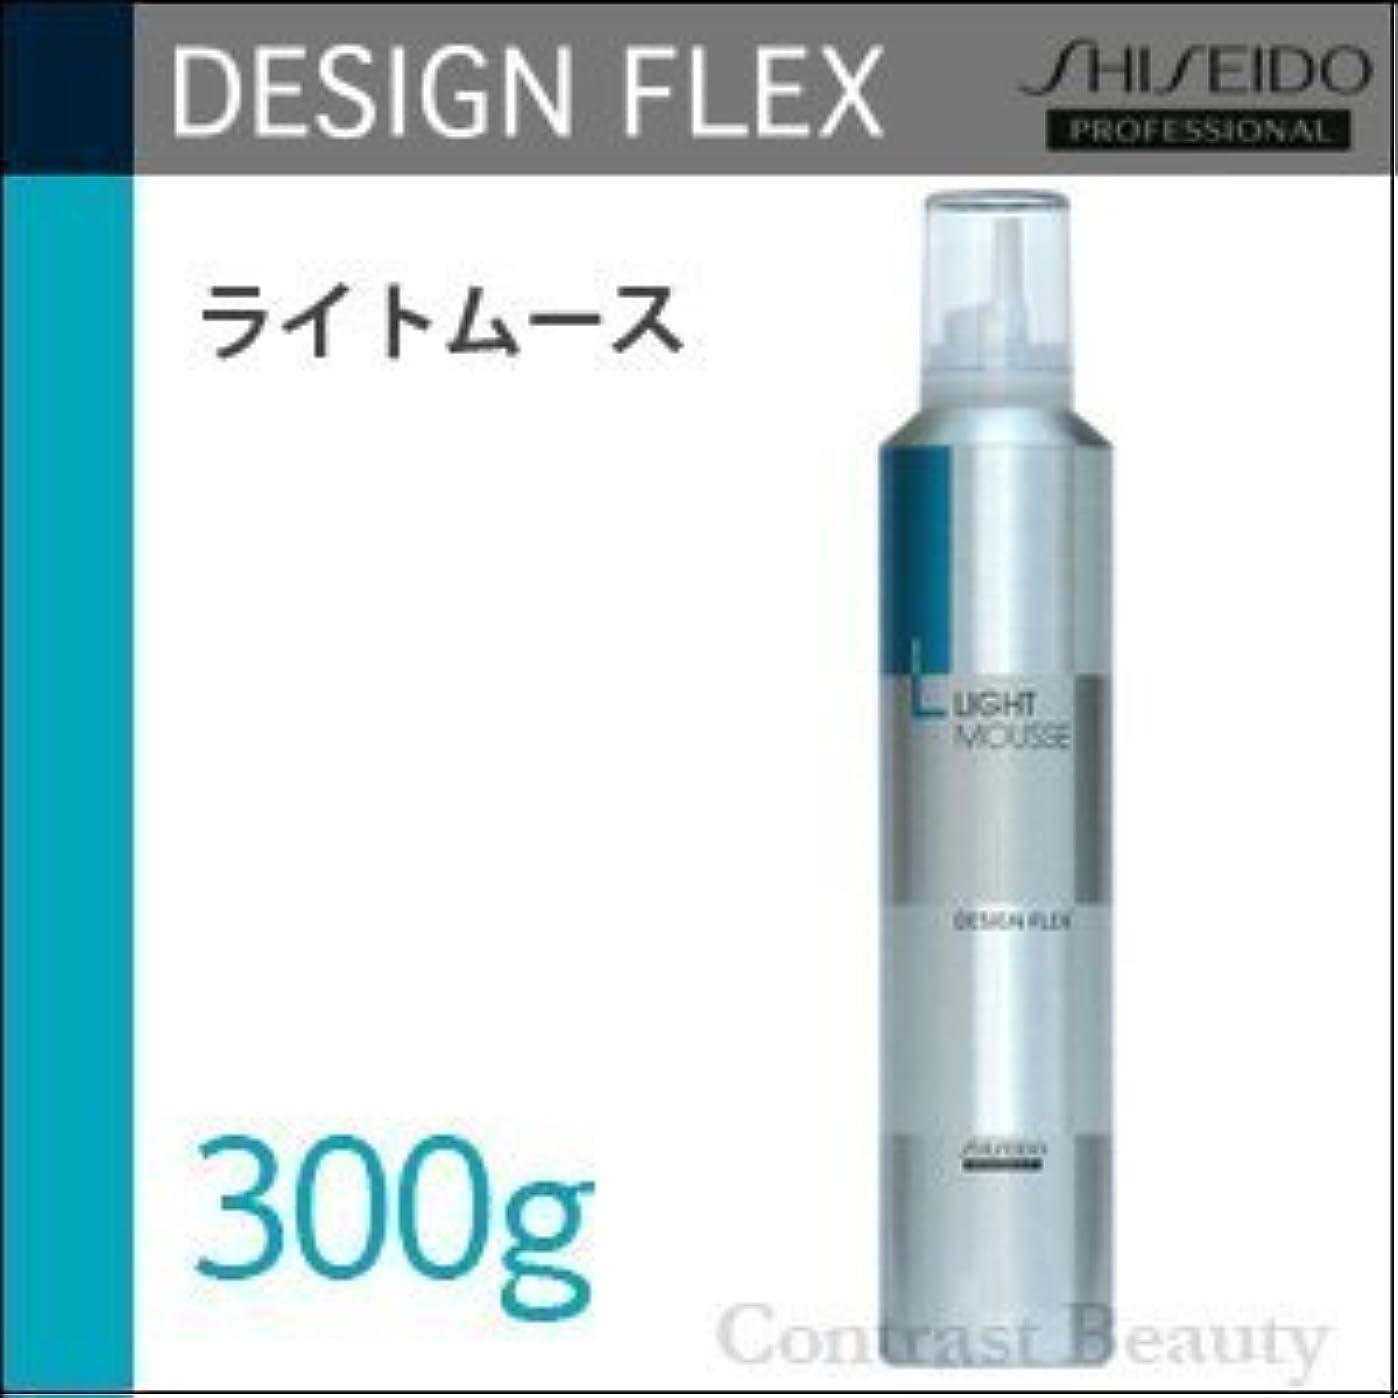 ロースト擁する確保する資生堂プロフェッショナル デザインフレックス ライトムース 300g